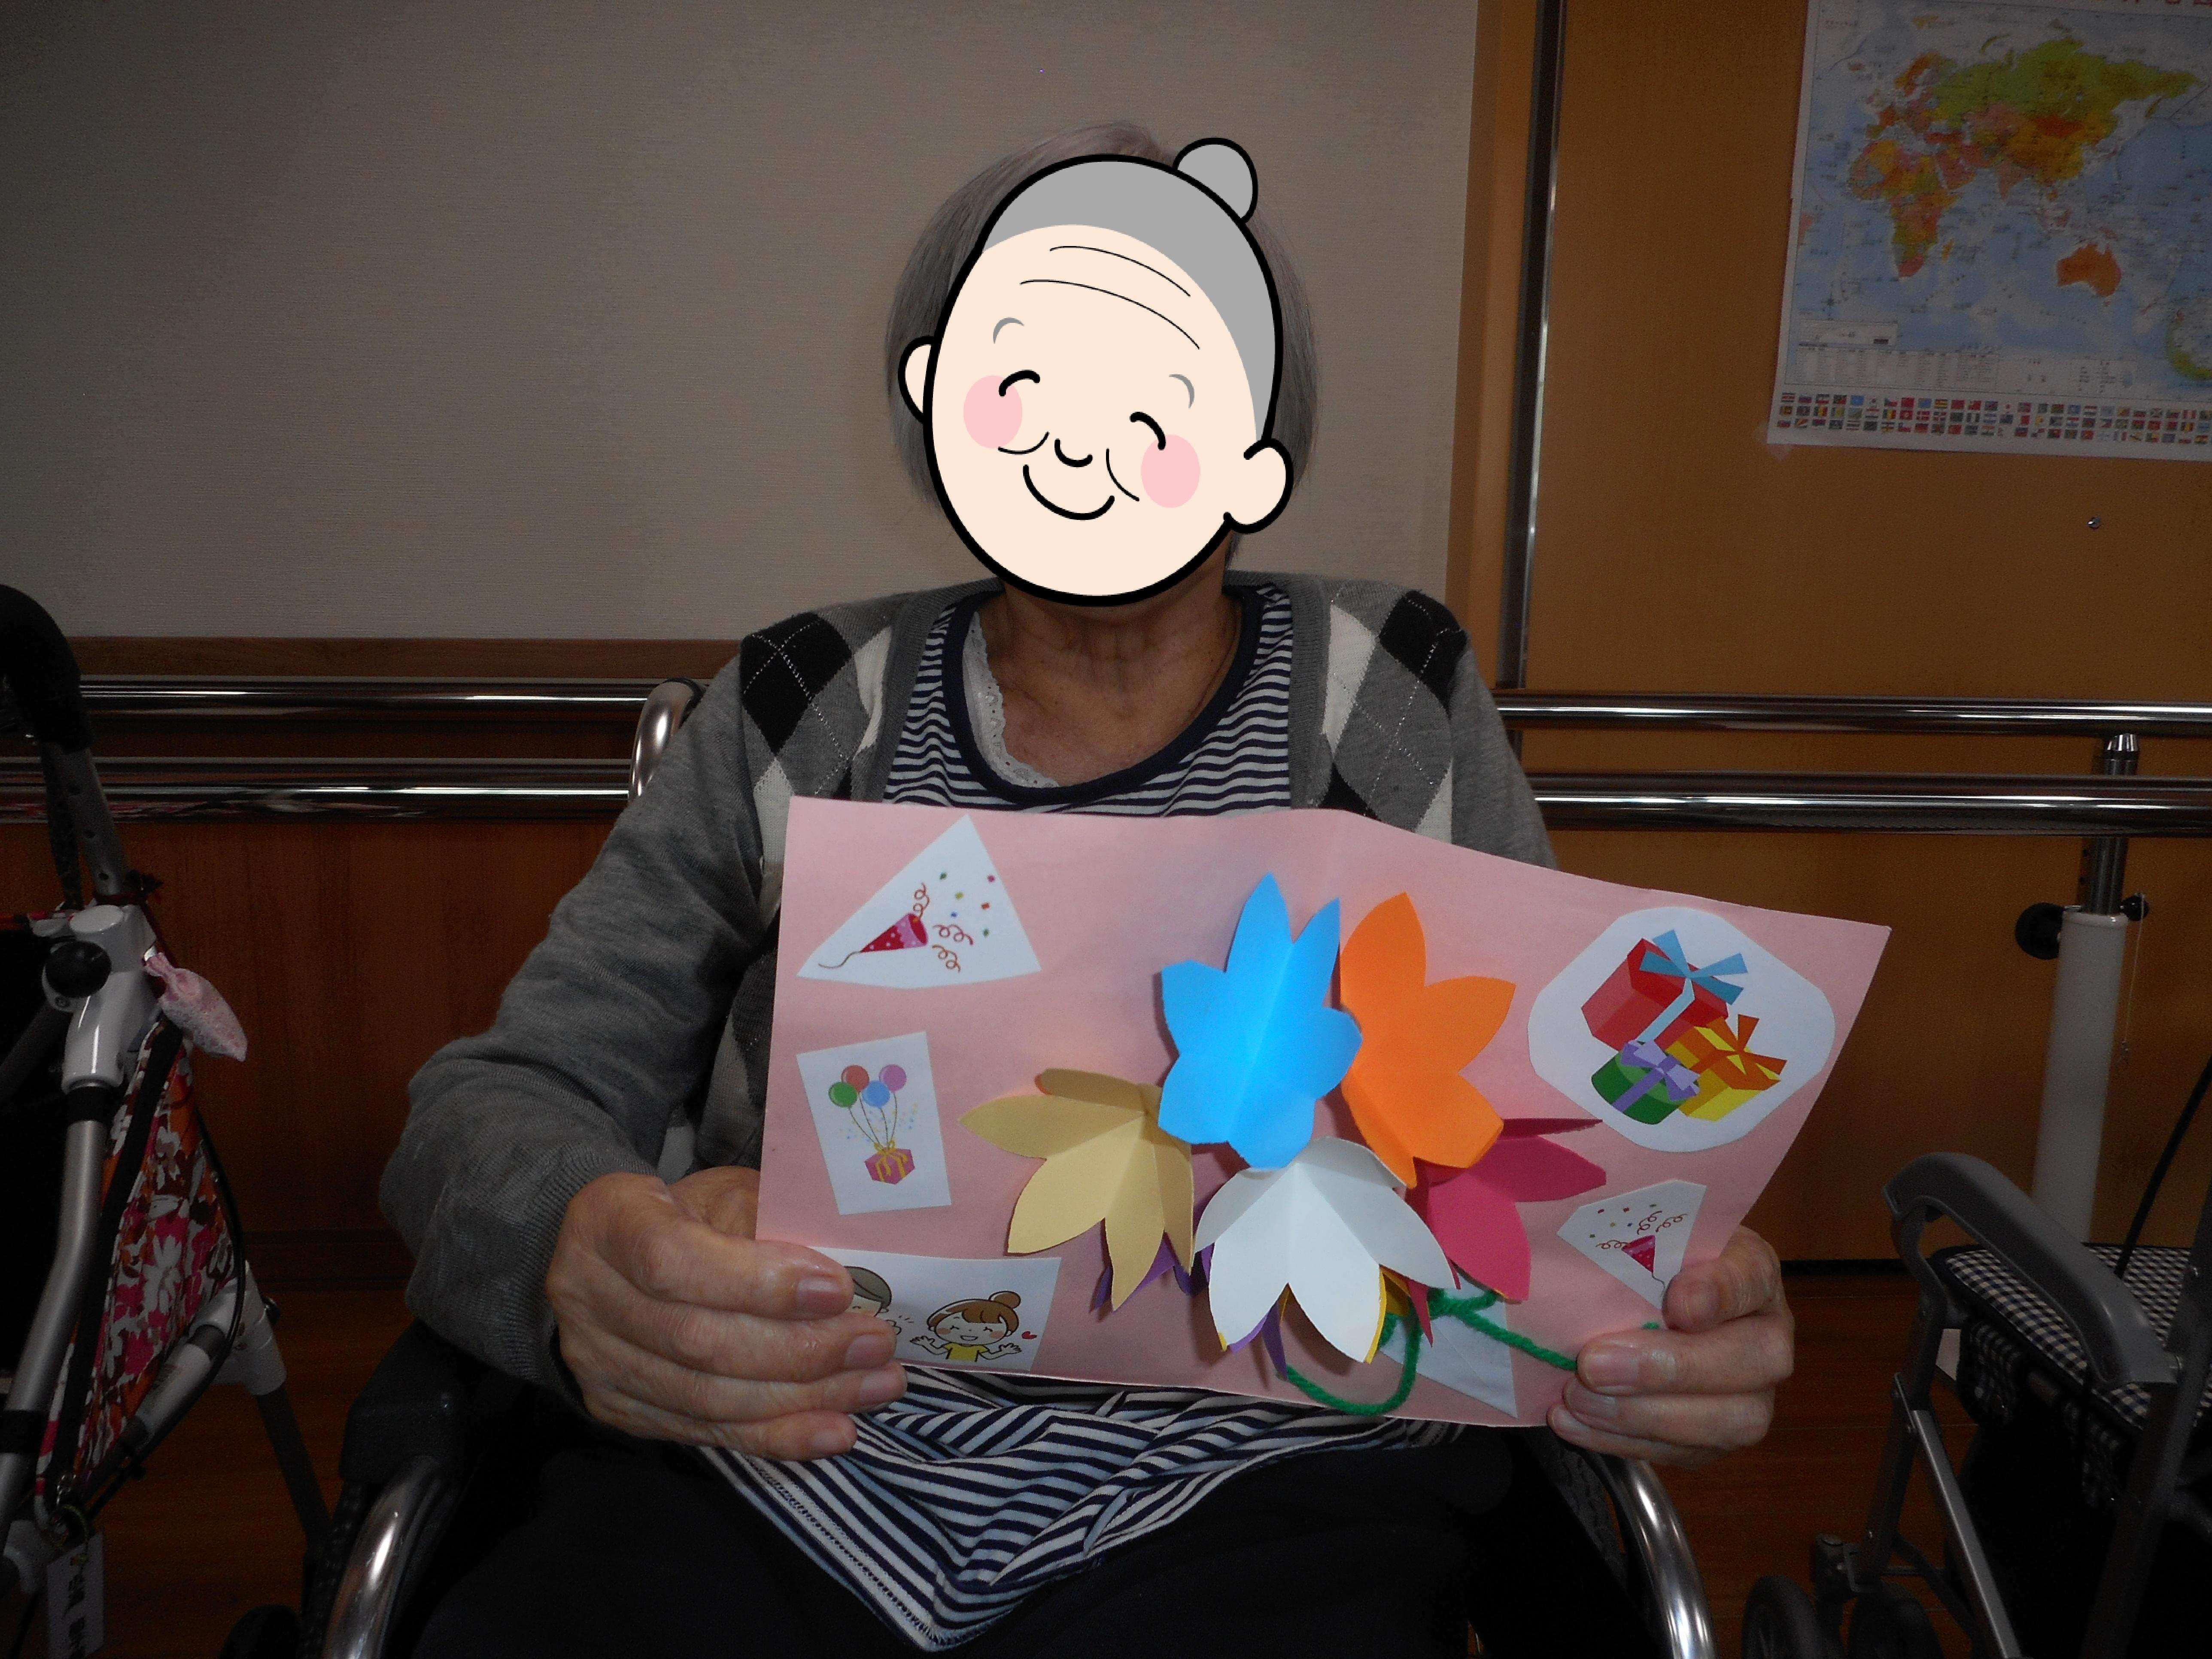 7月誕生日会開催(有料老人ホームゆたか)